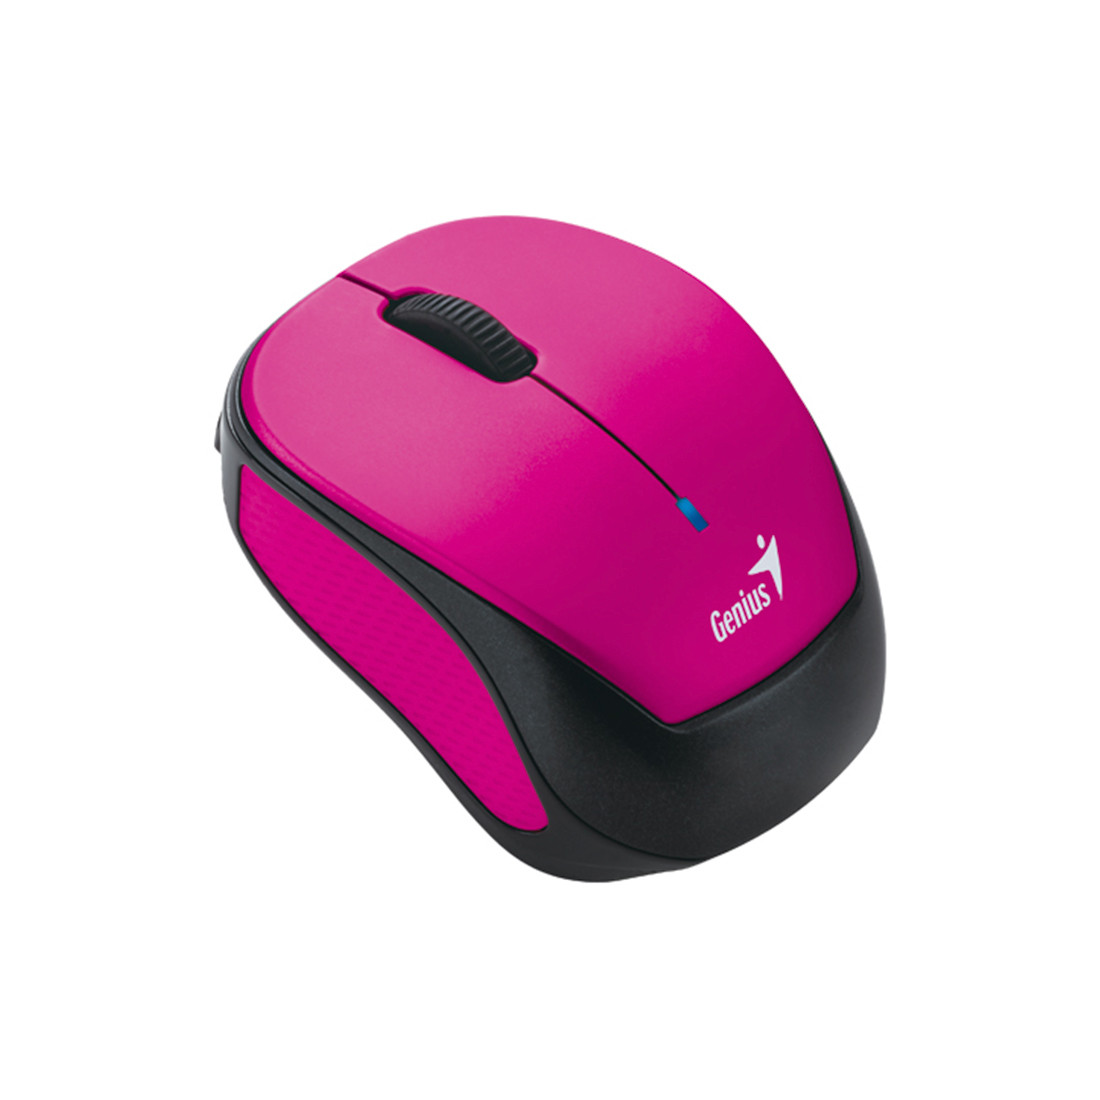 Компьютерная мышь Genius Micro Traveler 9000R V3 (Беспроводная, Pink)